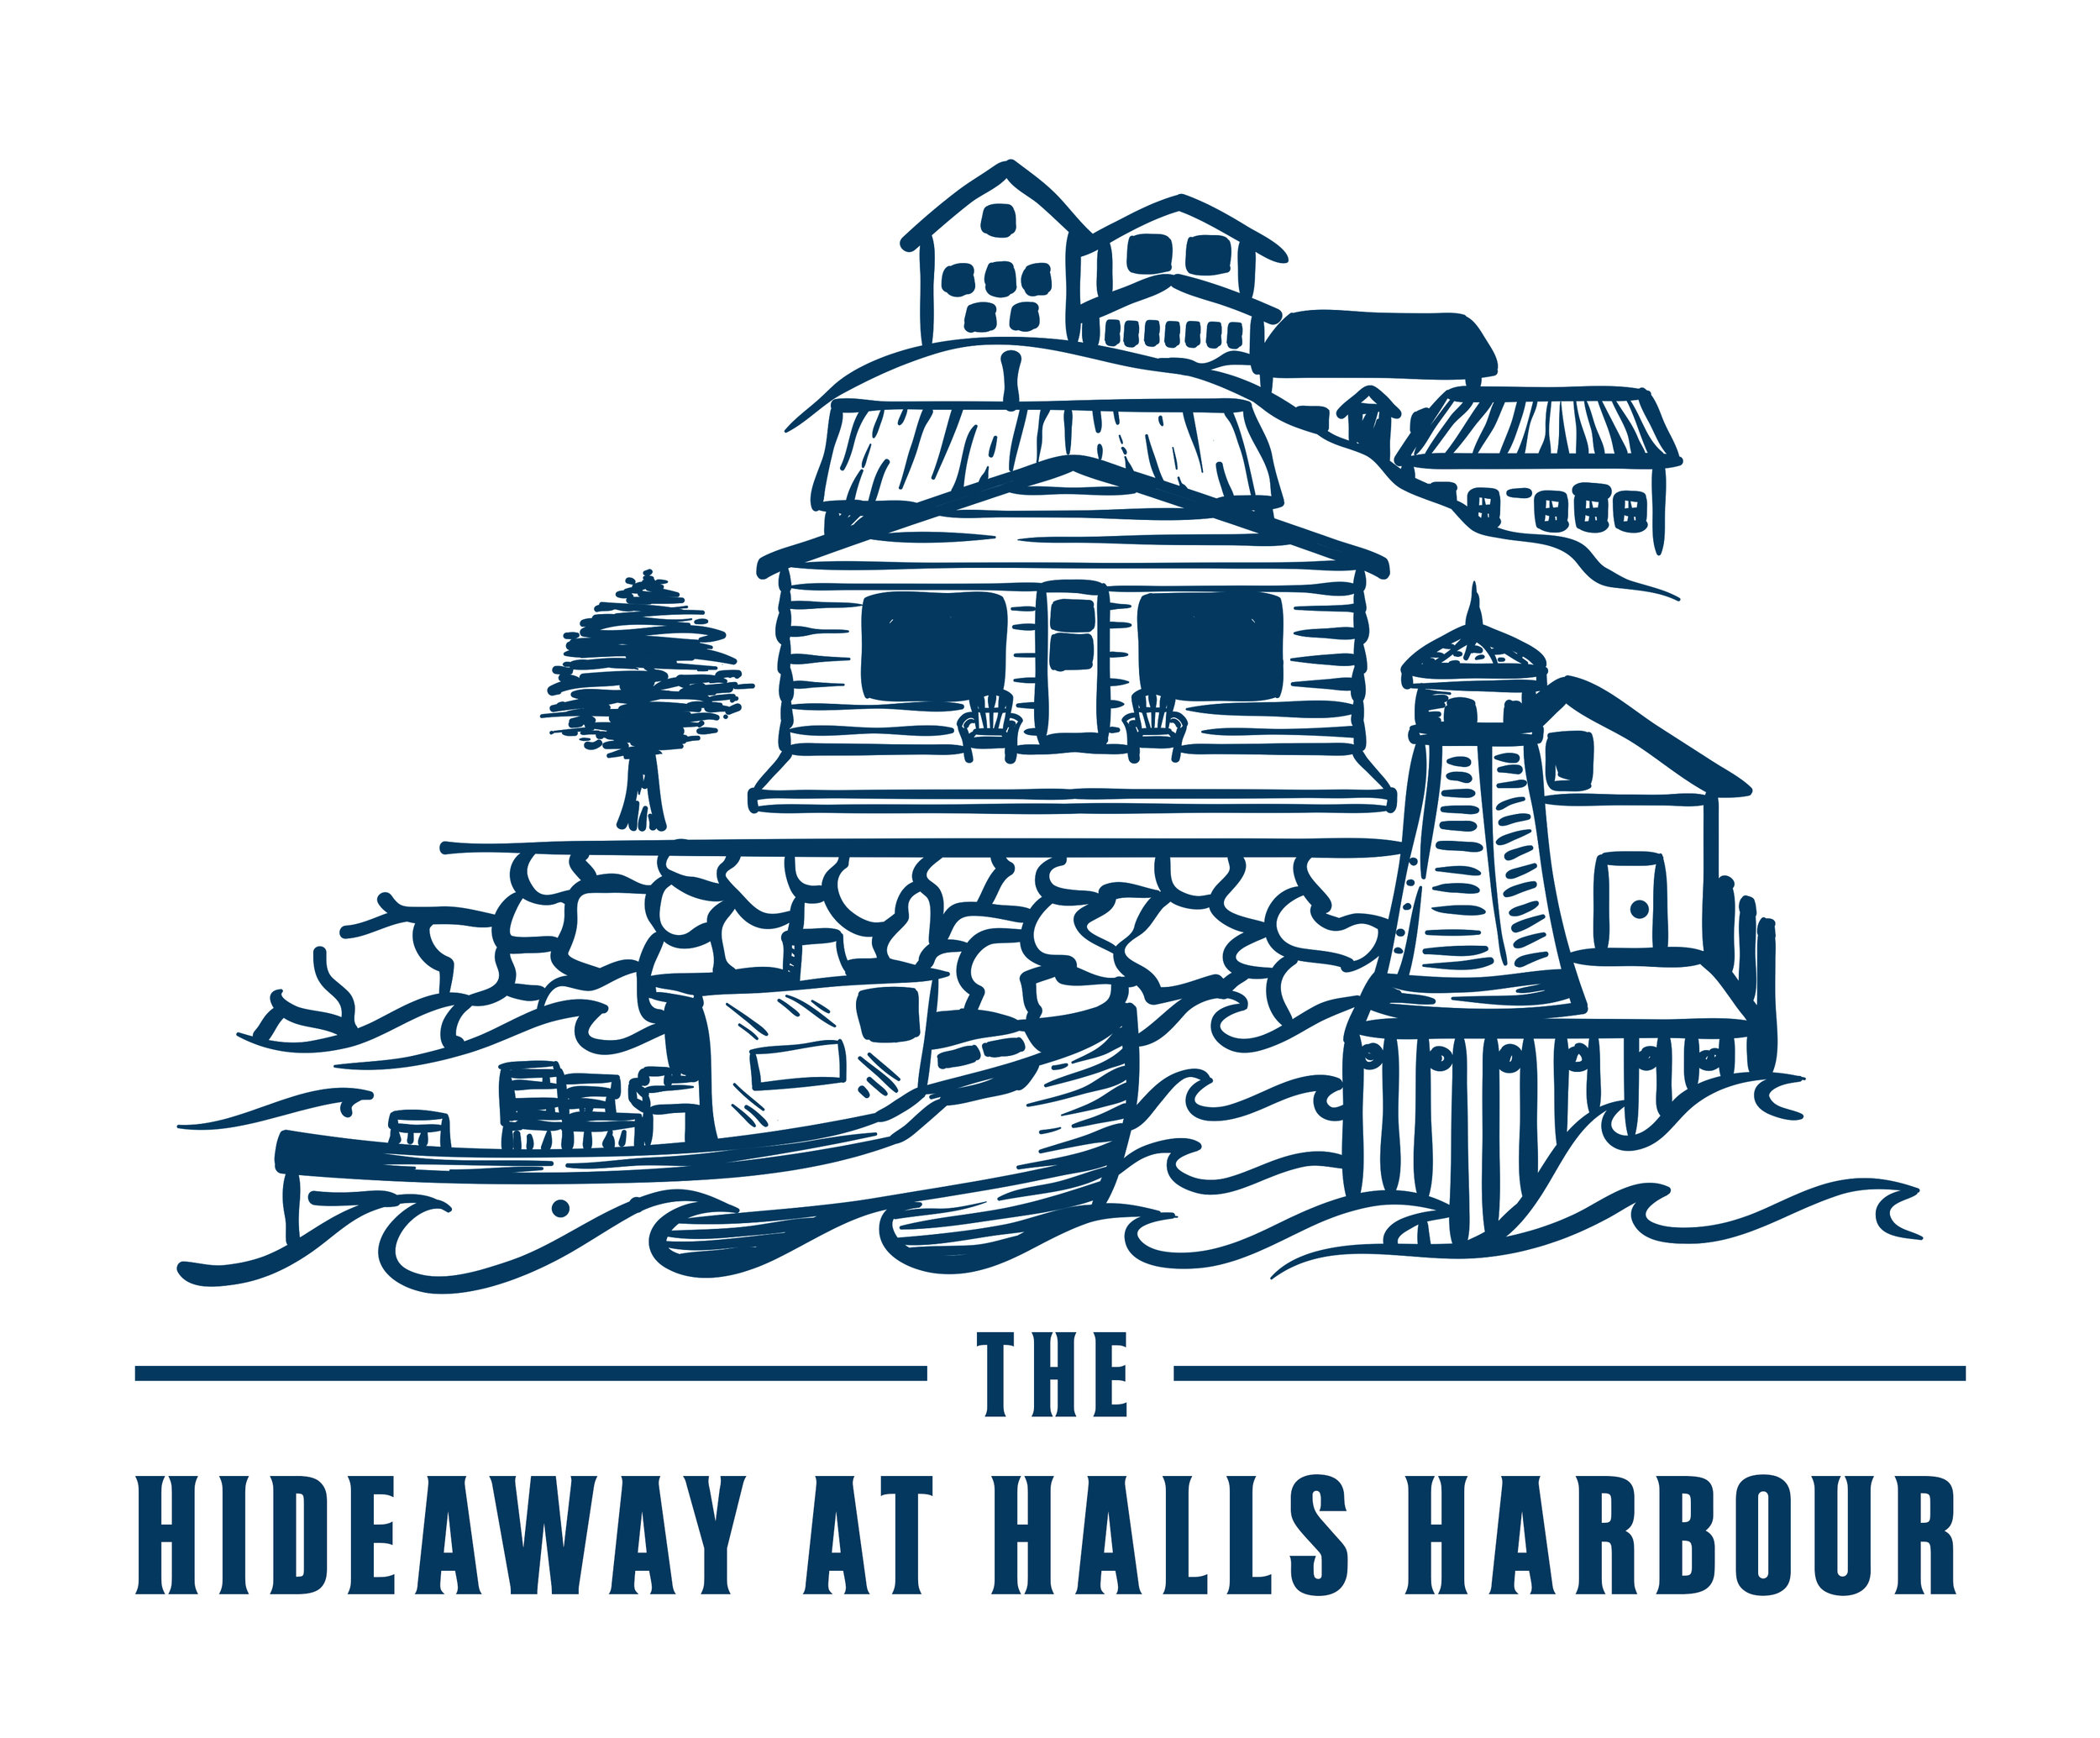 Halls Harbour.jpg